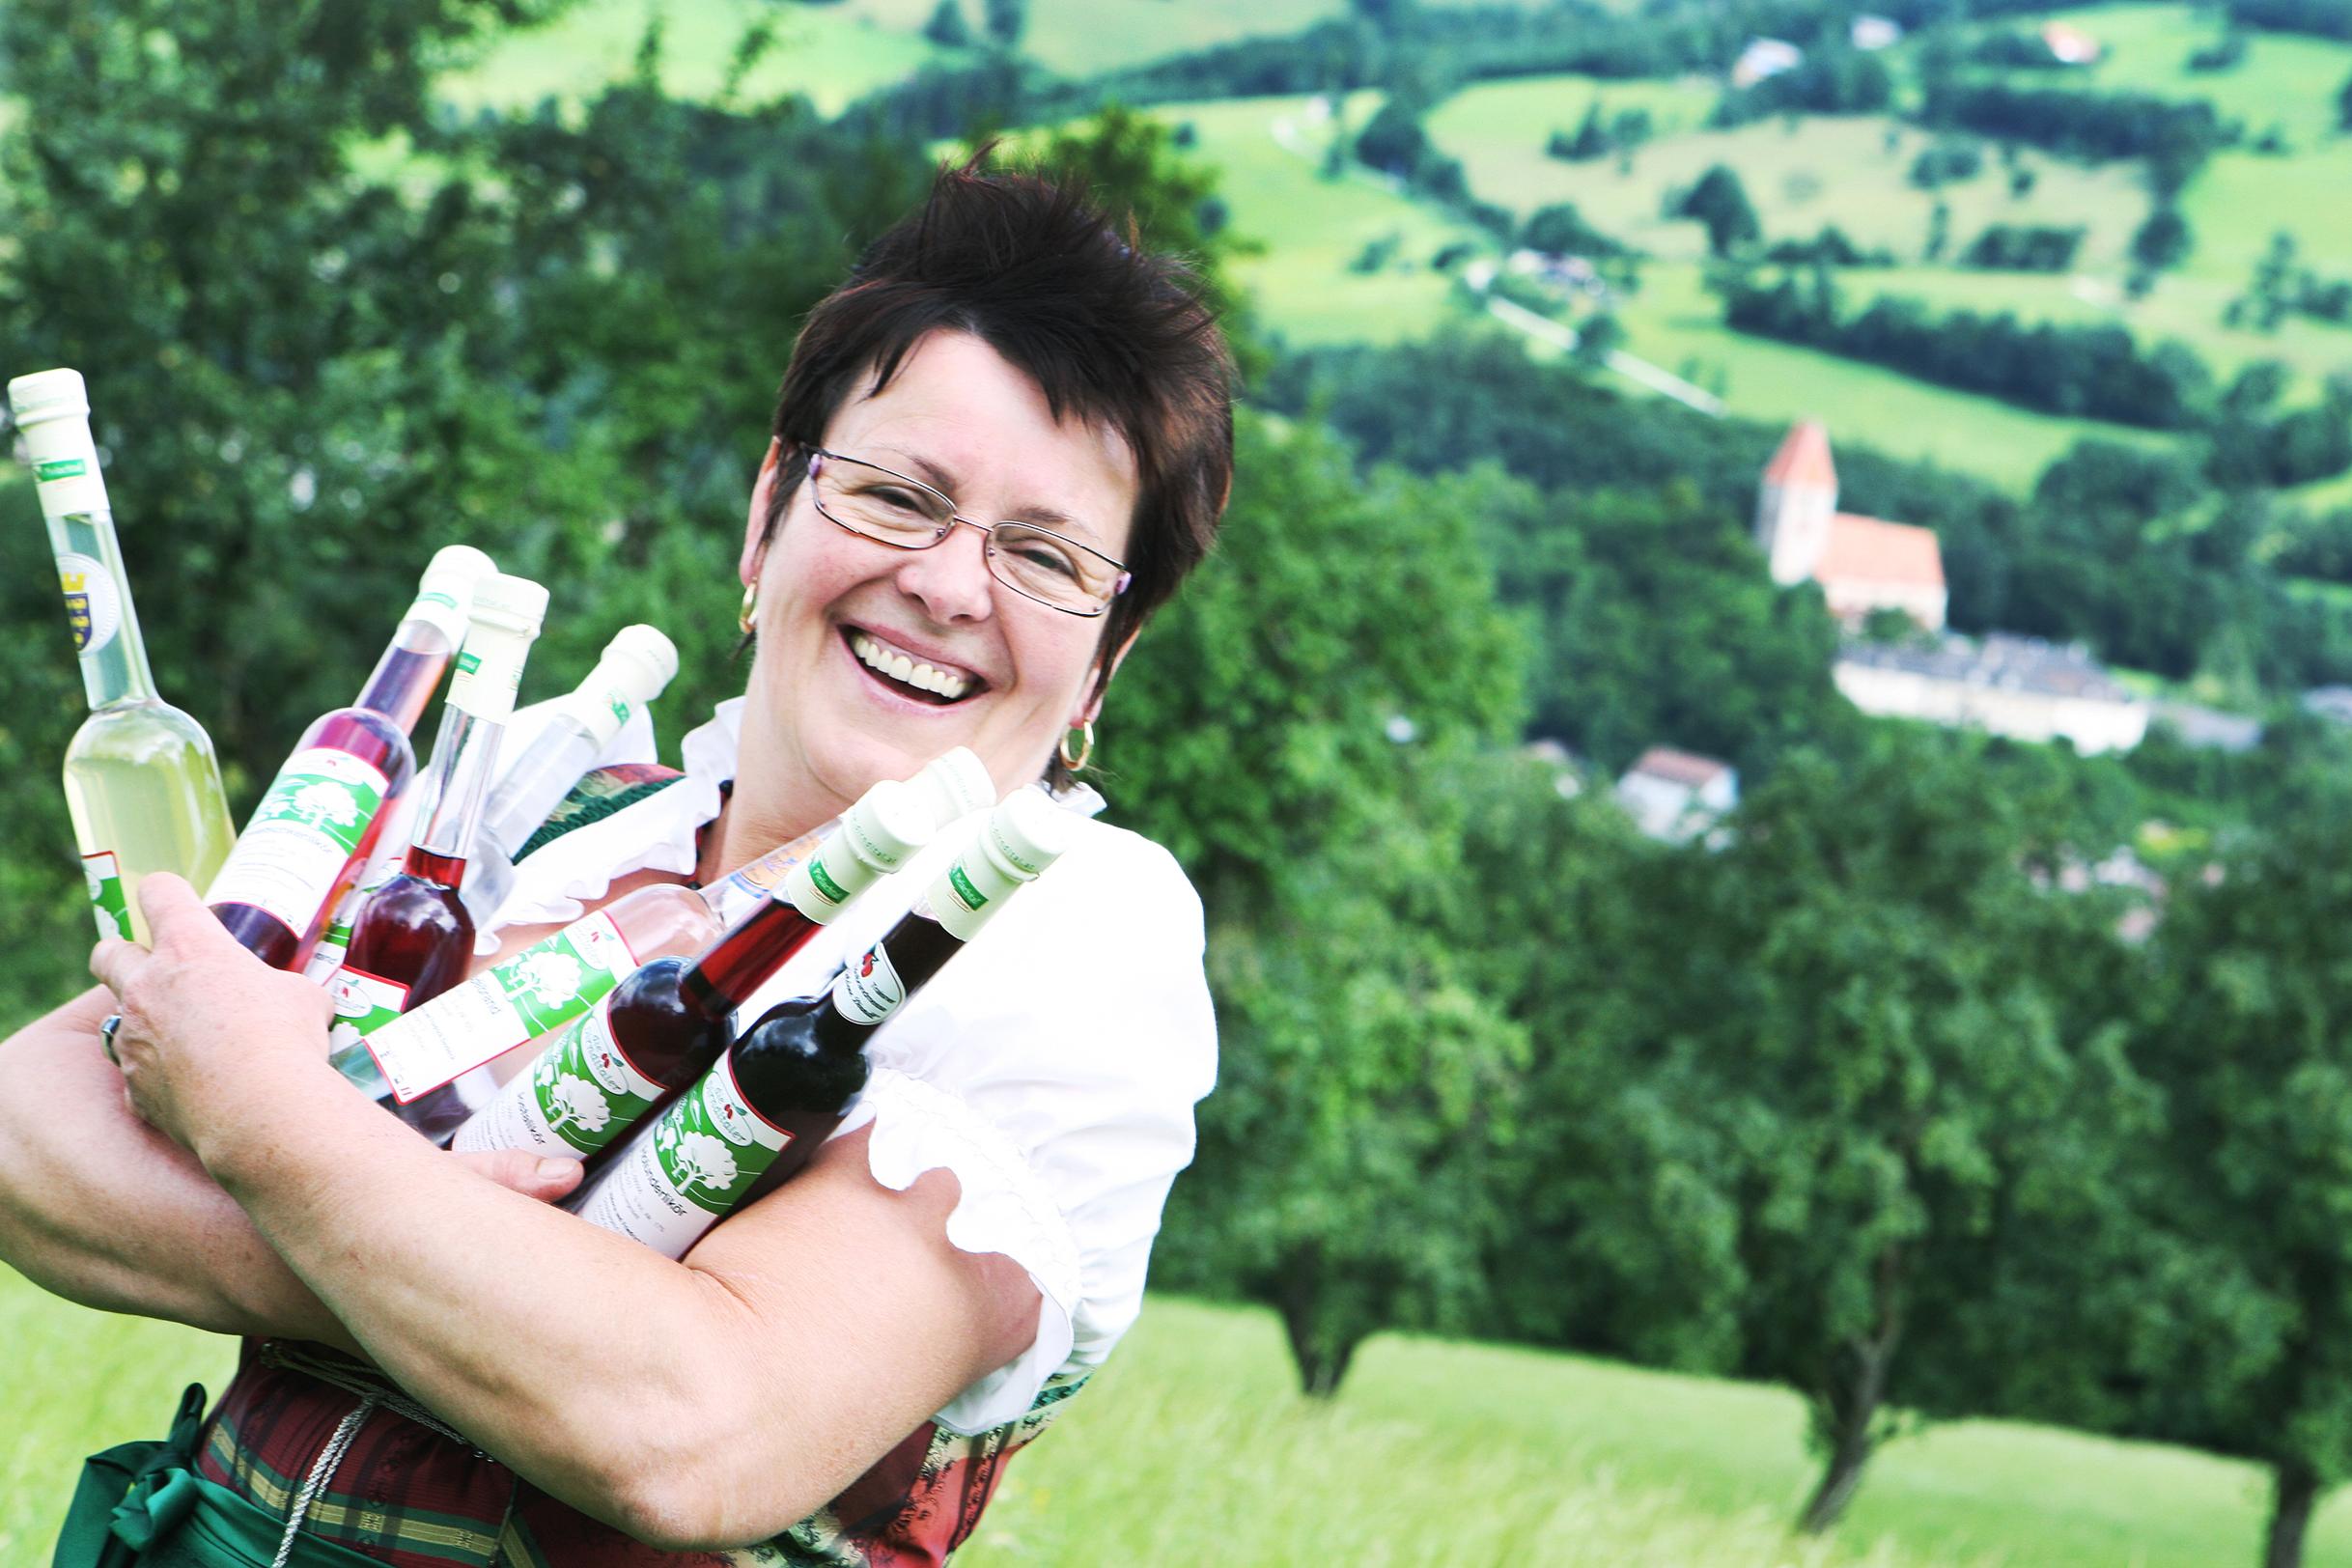 Ab 1. Mai - Rabenstein an der Pielach - Startseite - News